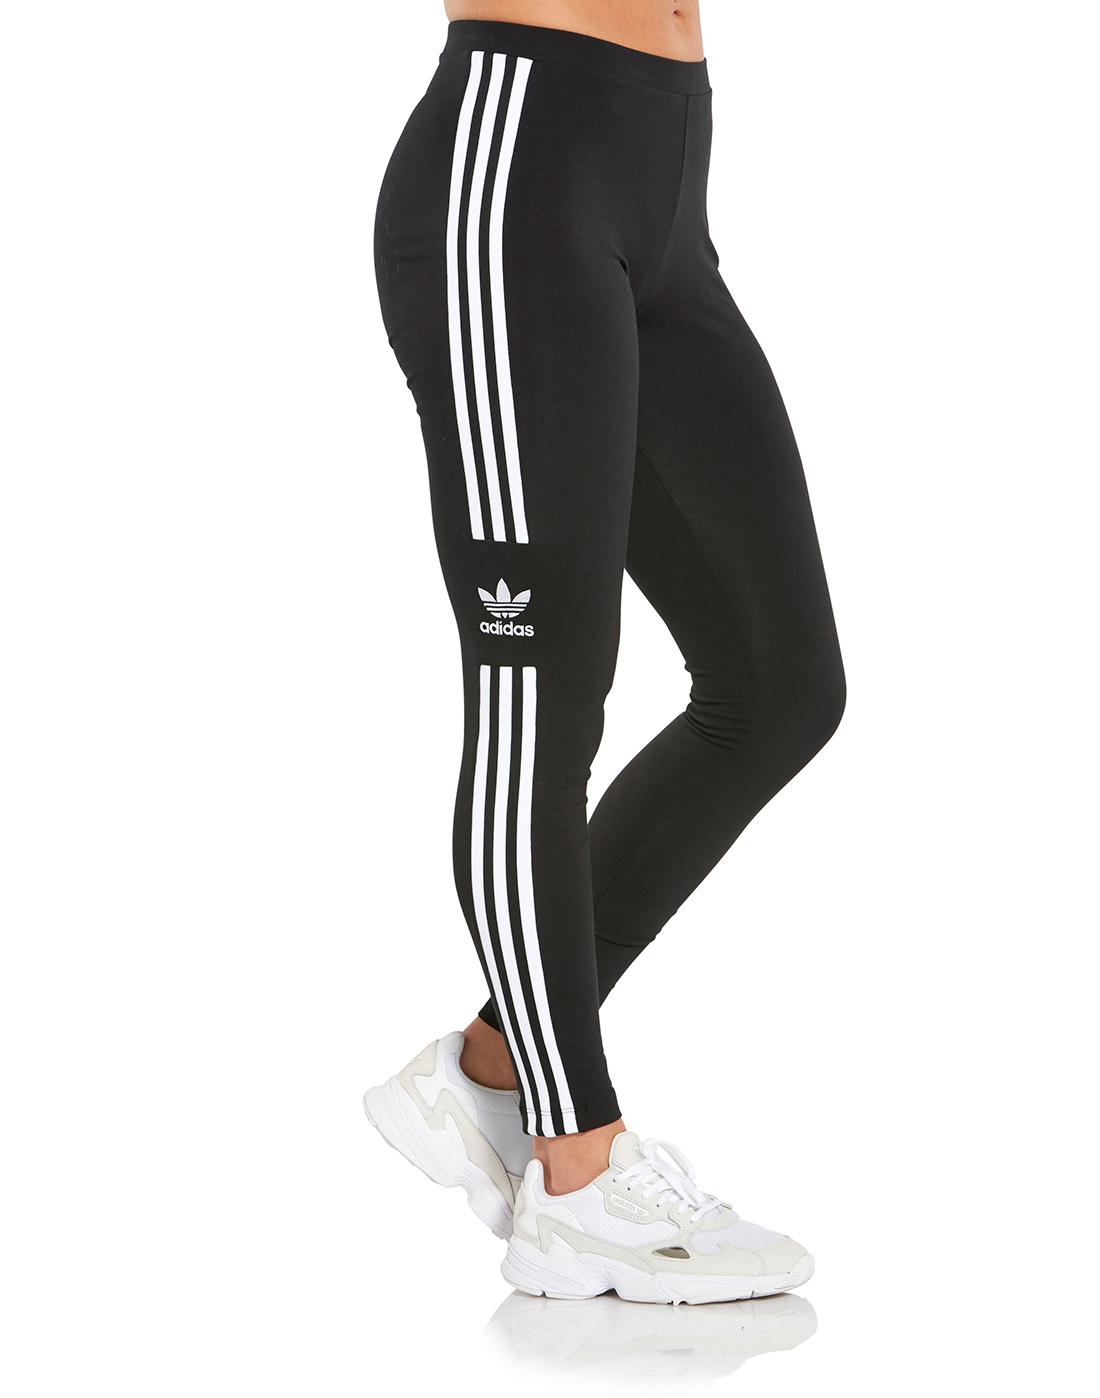 459e3de3614 adidas Originals. Womens Trefoil Leggings. Womens Trefoil Leggings ...